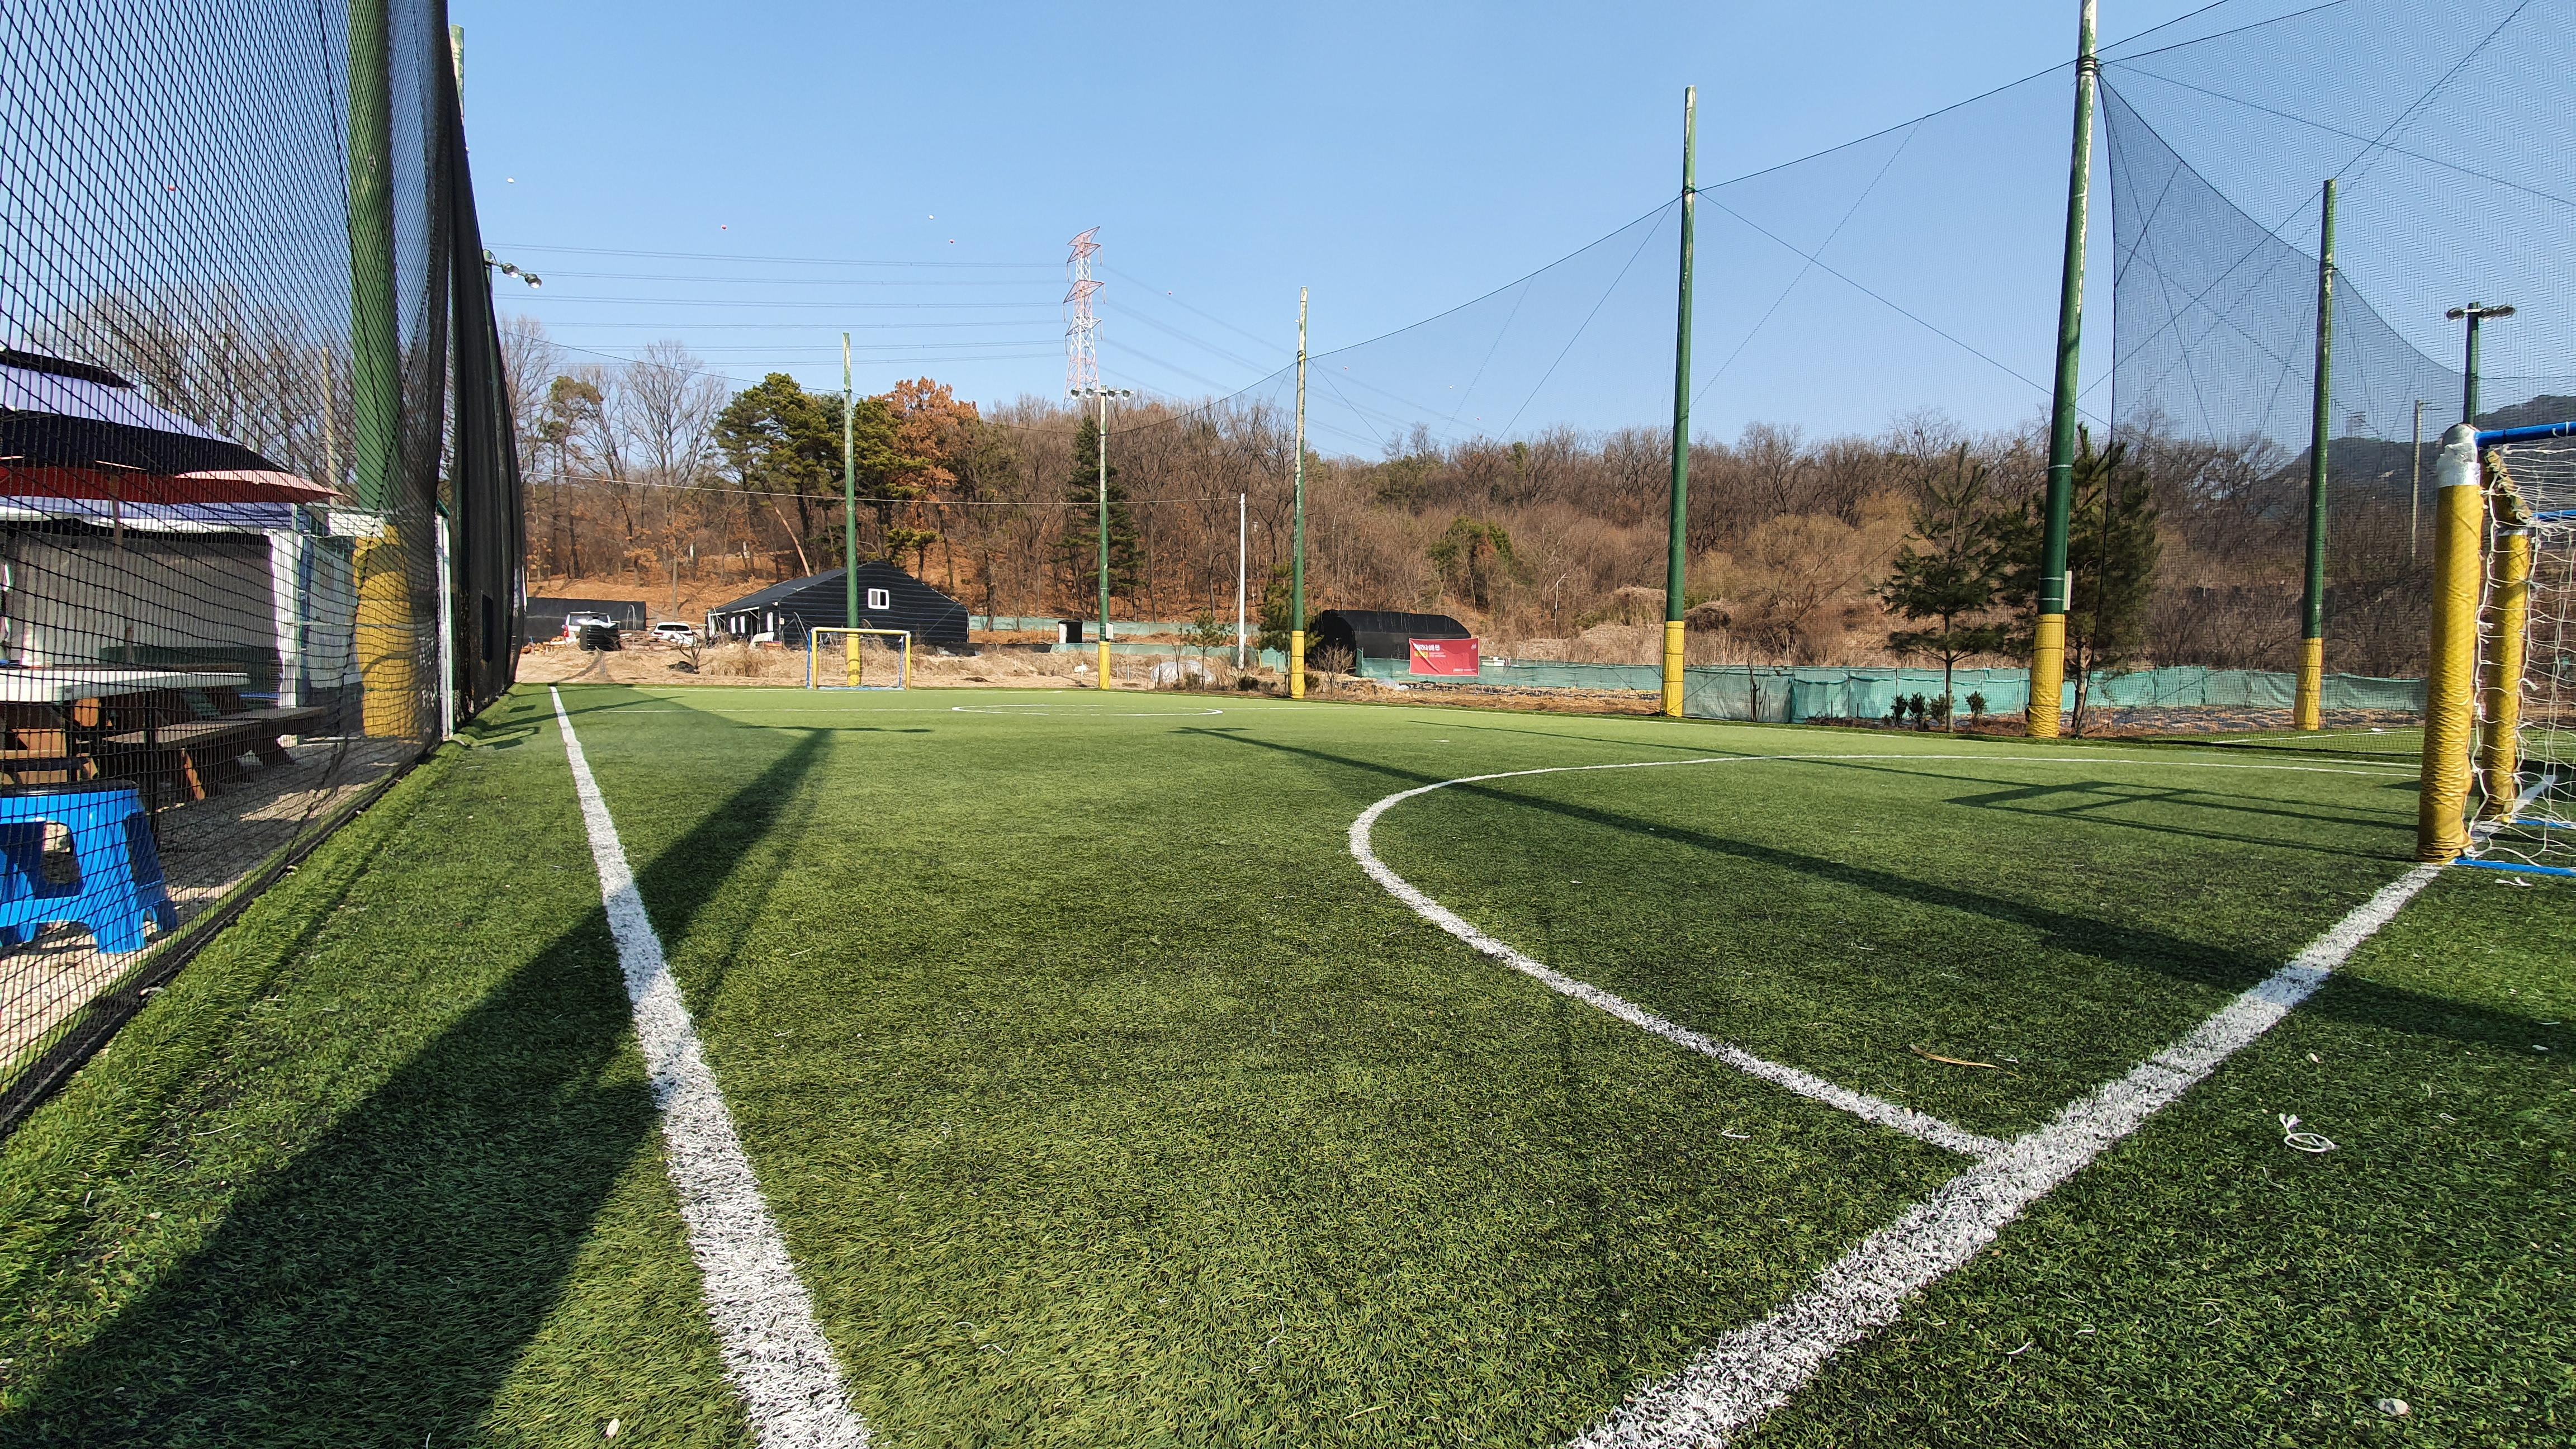 양주 탄탄축구클럽 1구장